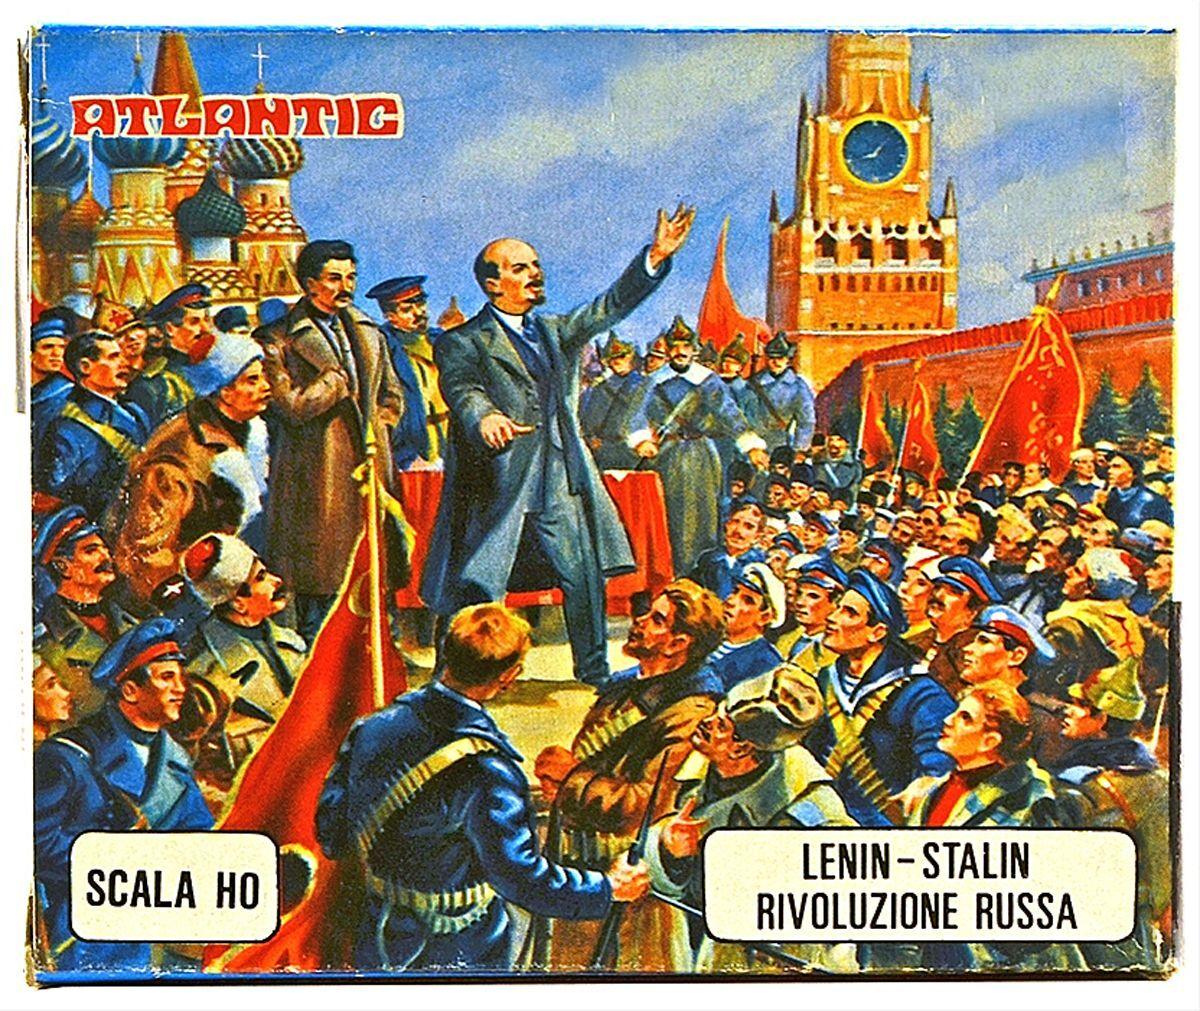 Atlantic Lenin-Stalin Russian Revolution- set 10009 - mint-in-box - 1 72nd scale